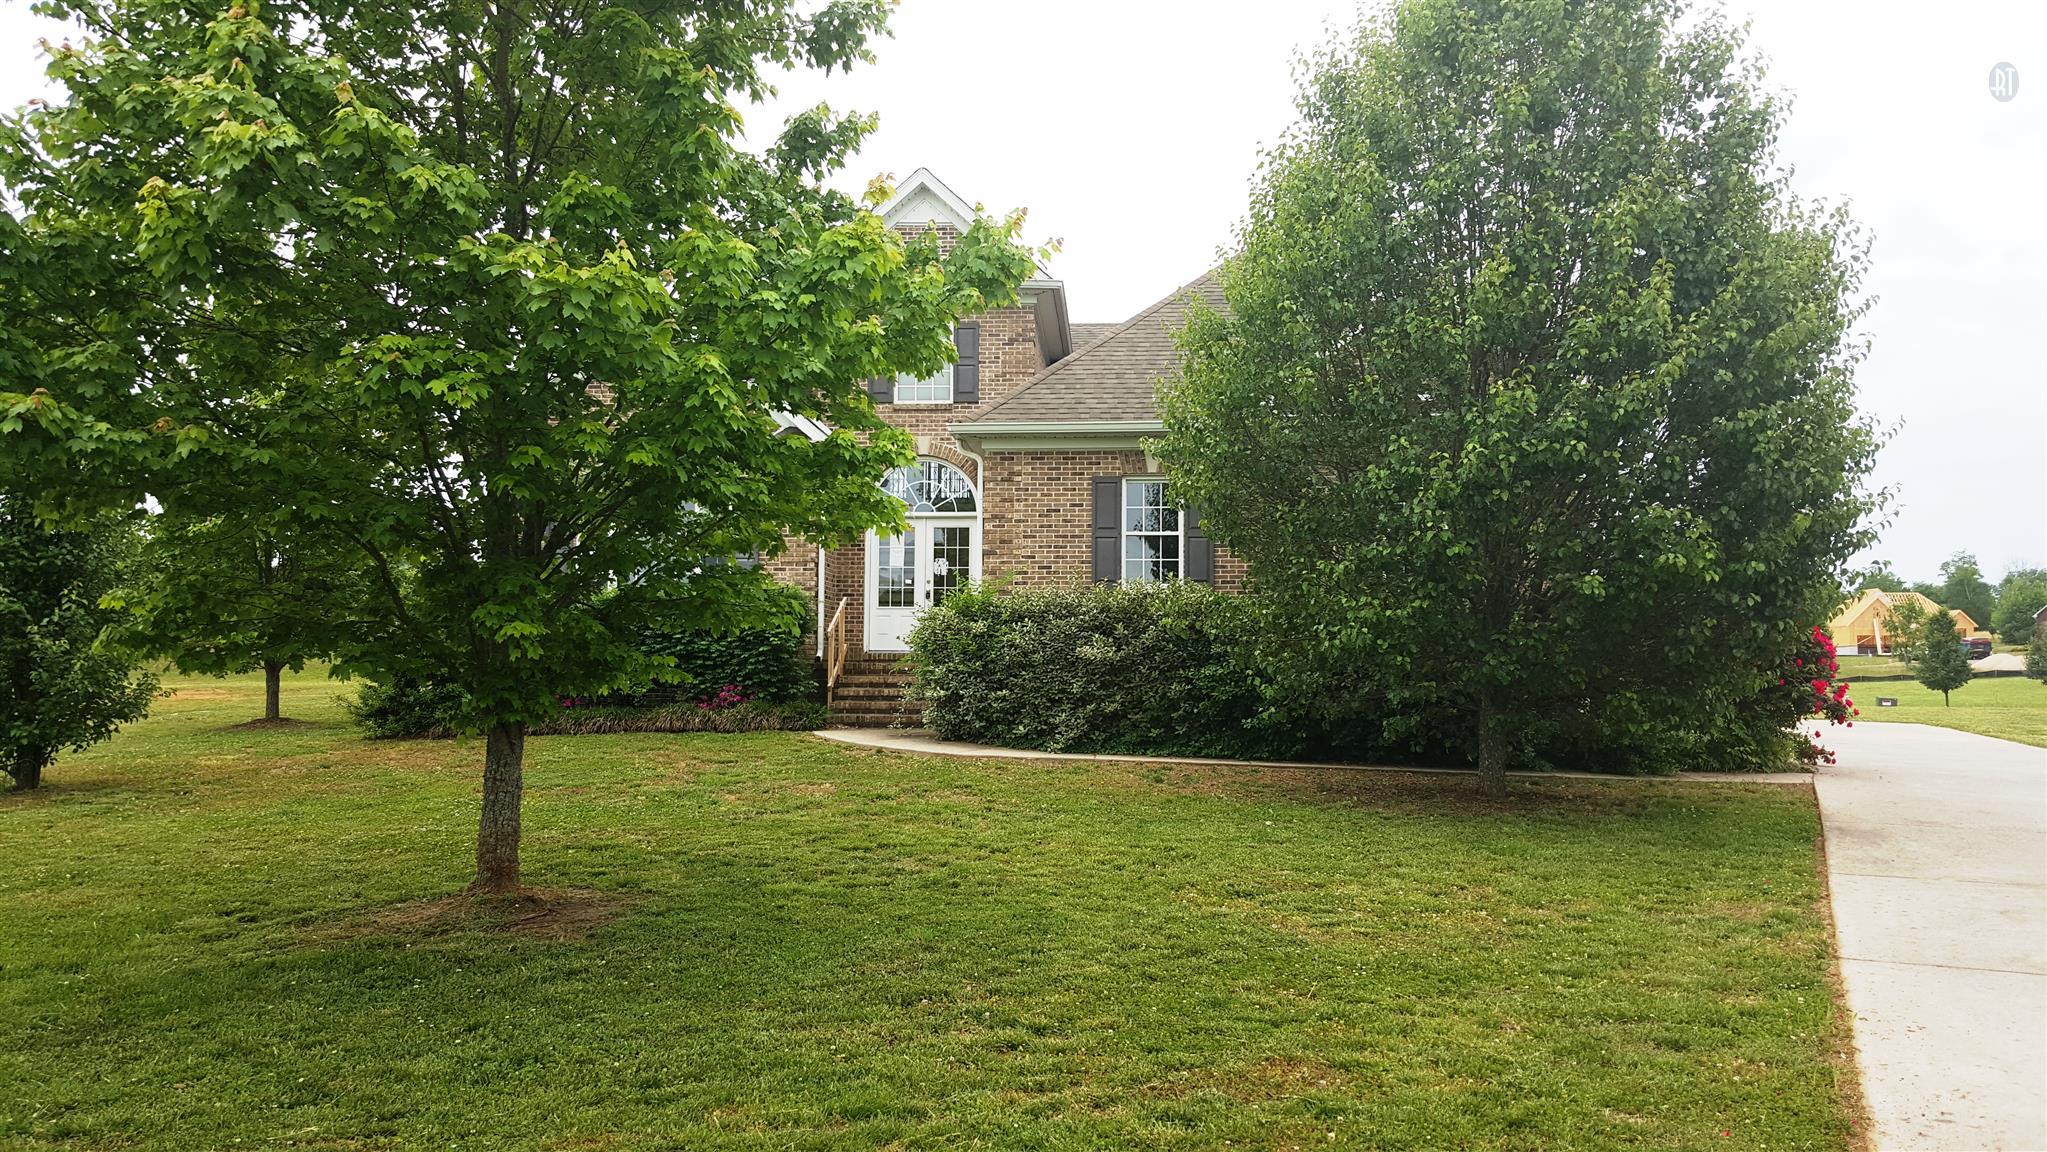 103 Waycross Dr, Shelbyville, TN 37160